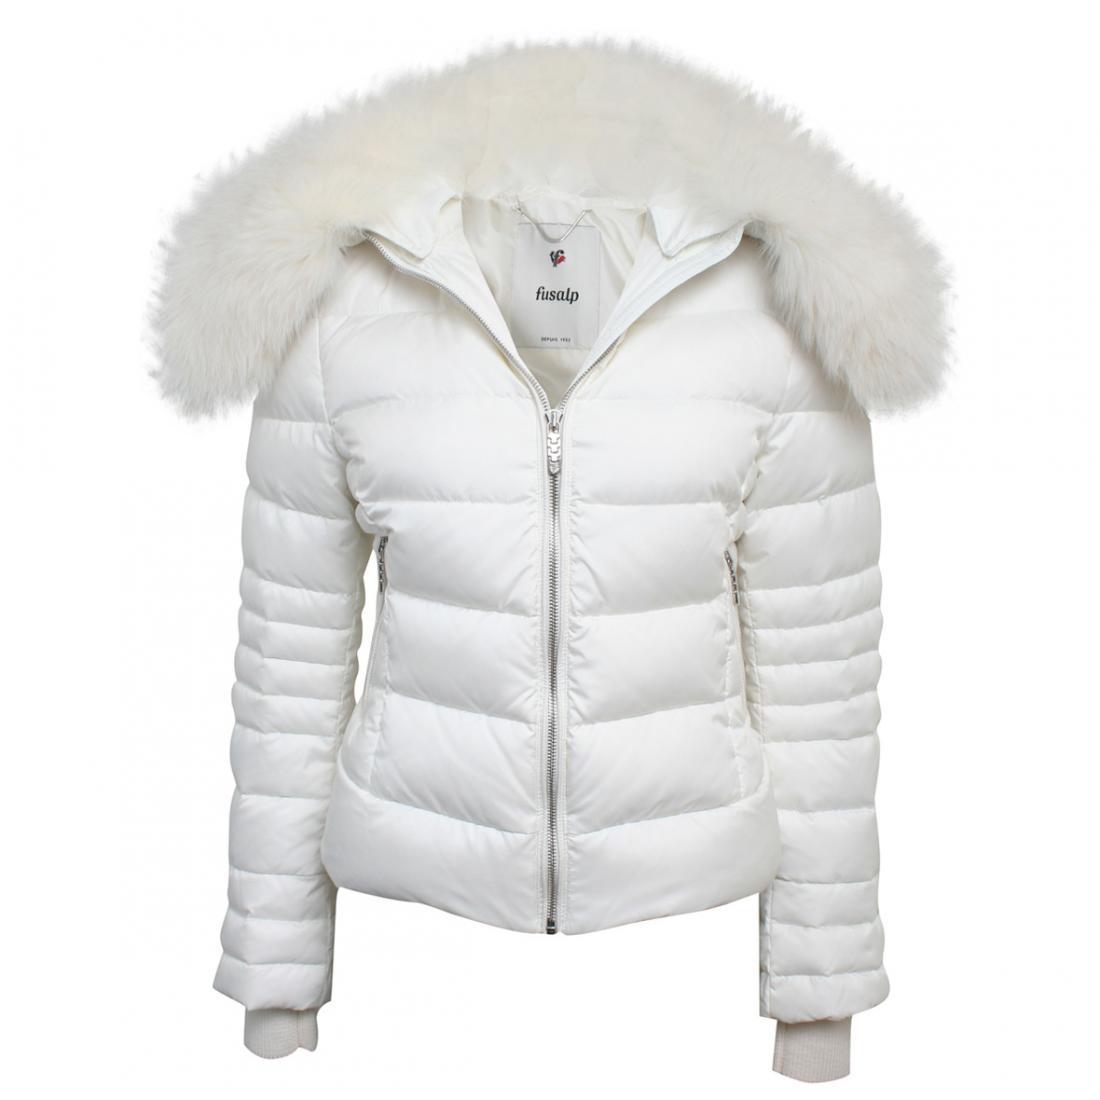 Куртка E1022 CHAMONIX жен.Куртки<br><br> Женский пуховик Chamonix – стильная зимняя модель с хорошей защитой шеи, поясницы и рук от мороза и пронизывающего ветра. Приталенный крой ...<br><br>Цвет: Белый<br>Размер: 42